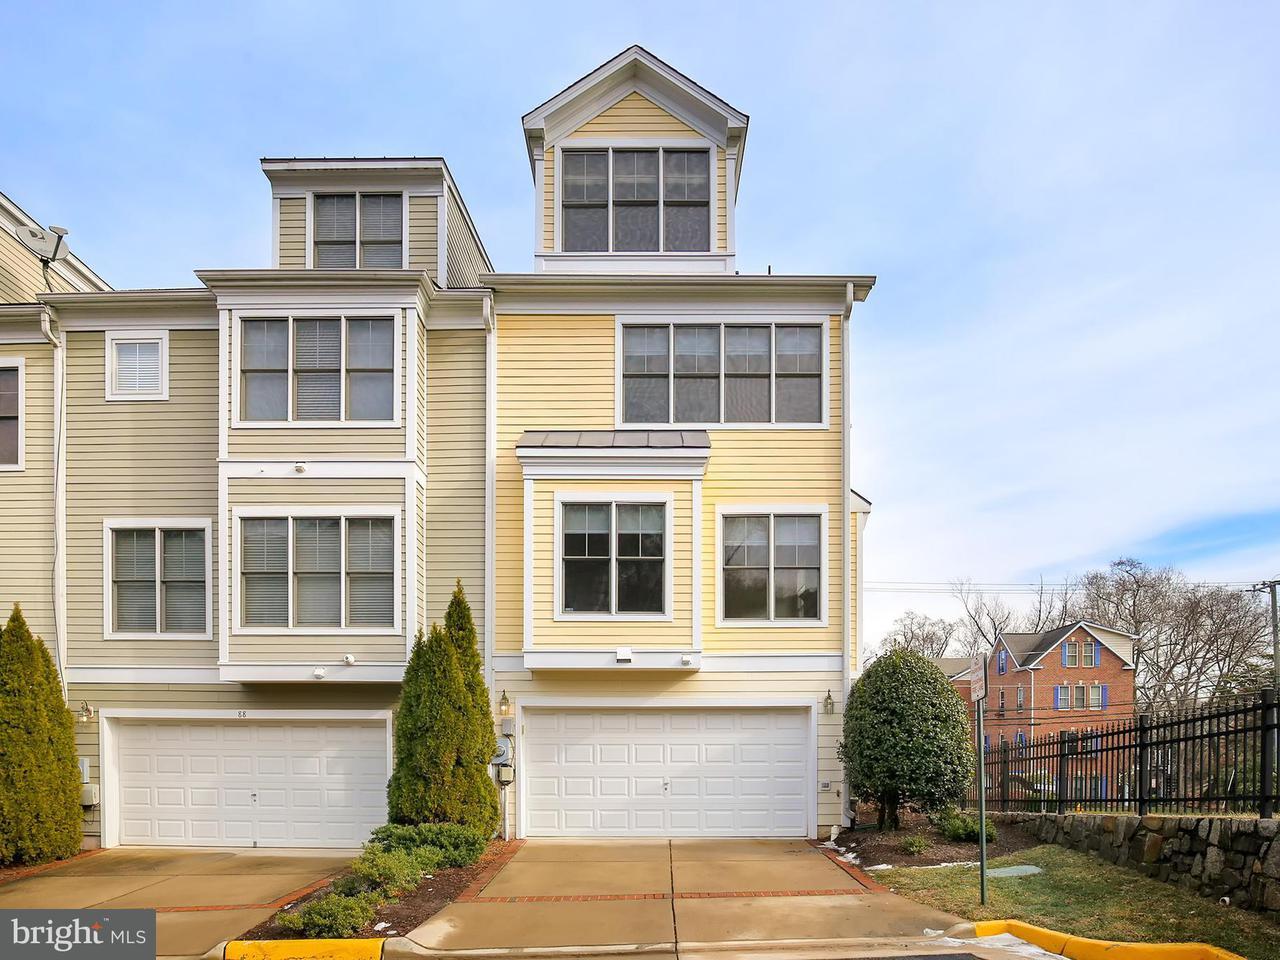 タウンハウス のために 売買 アット 86 Washington Street 86 Washington Street Occoquan, バージニア 22125 アメリカ合衆国